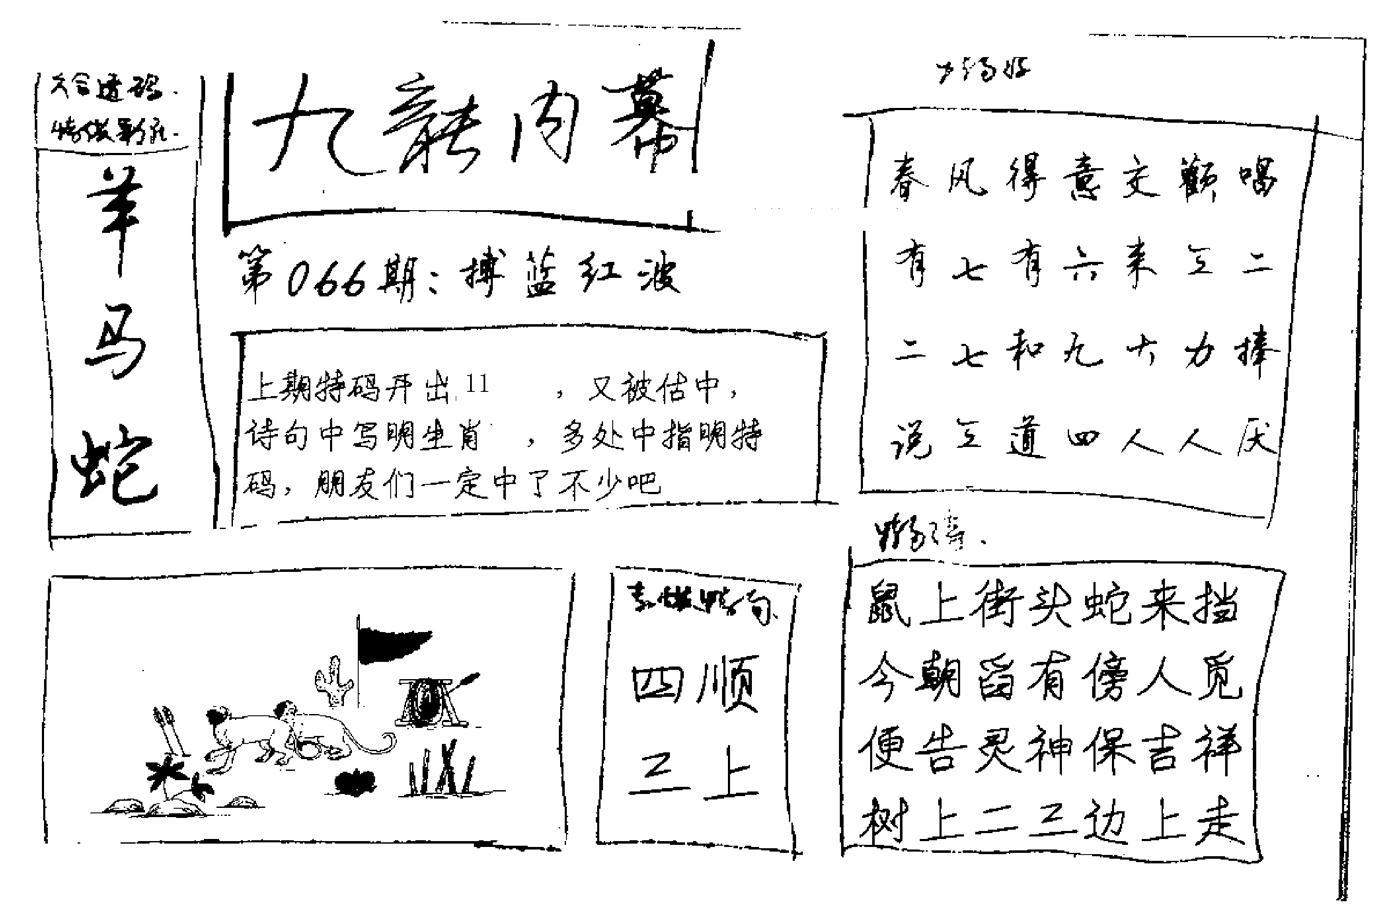 066期九龙内幕手写(黑白)